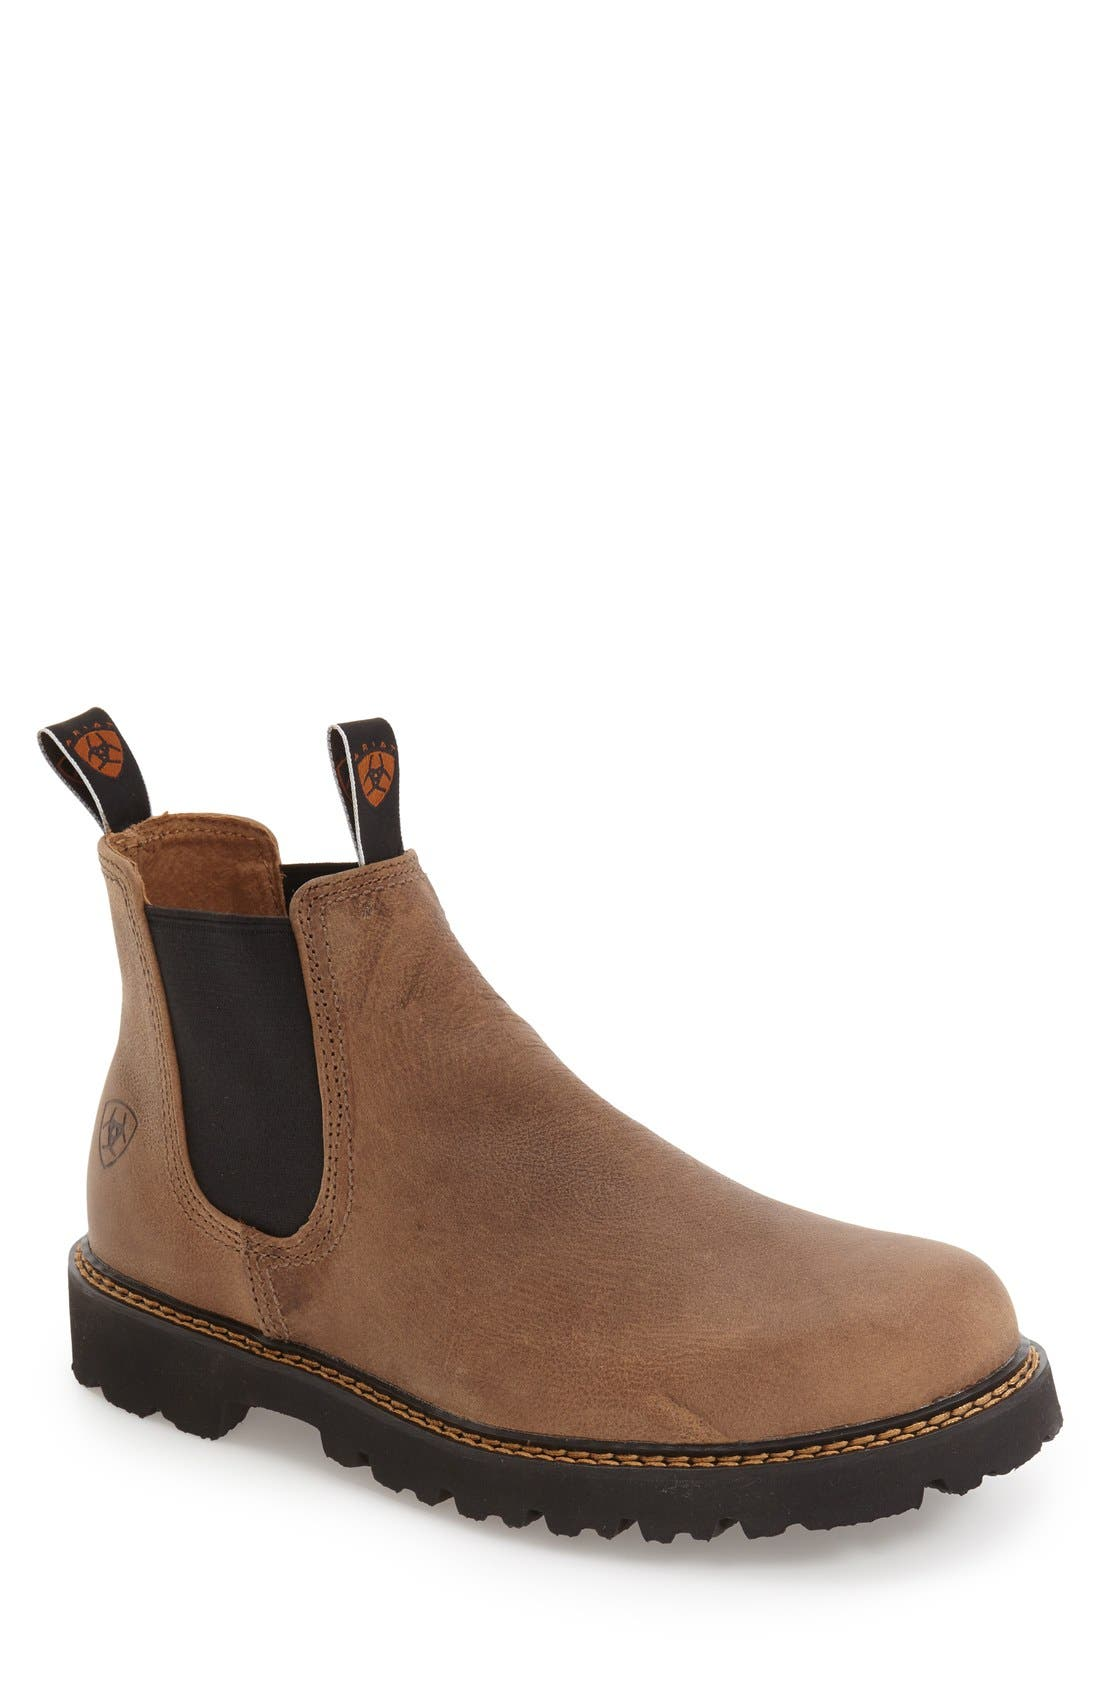 Main Image - Ariat 'Spot Hog' Chelsea Boot (Men)